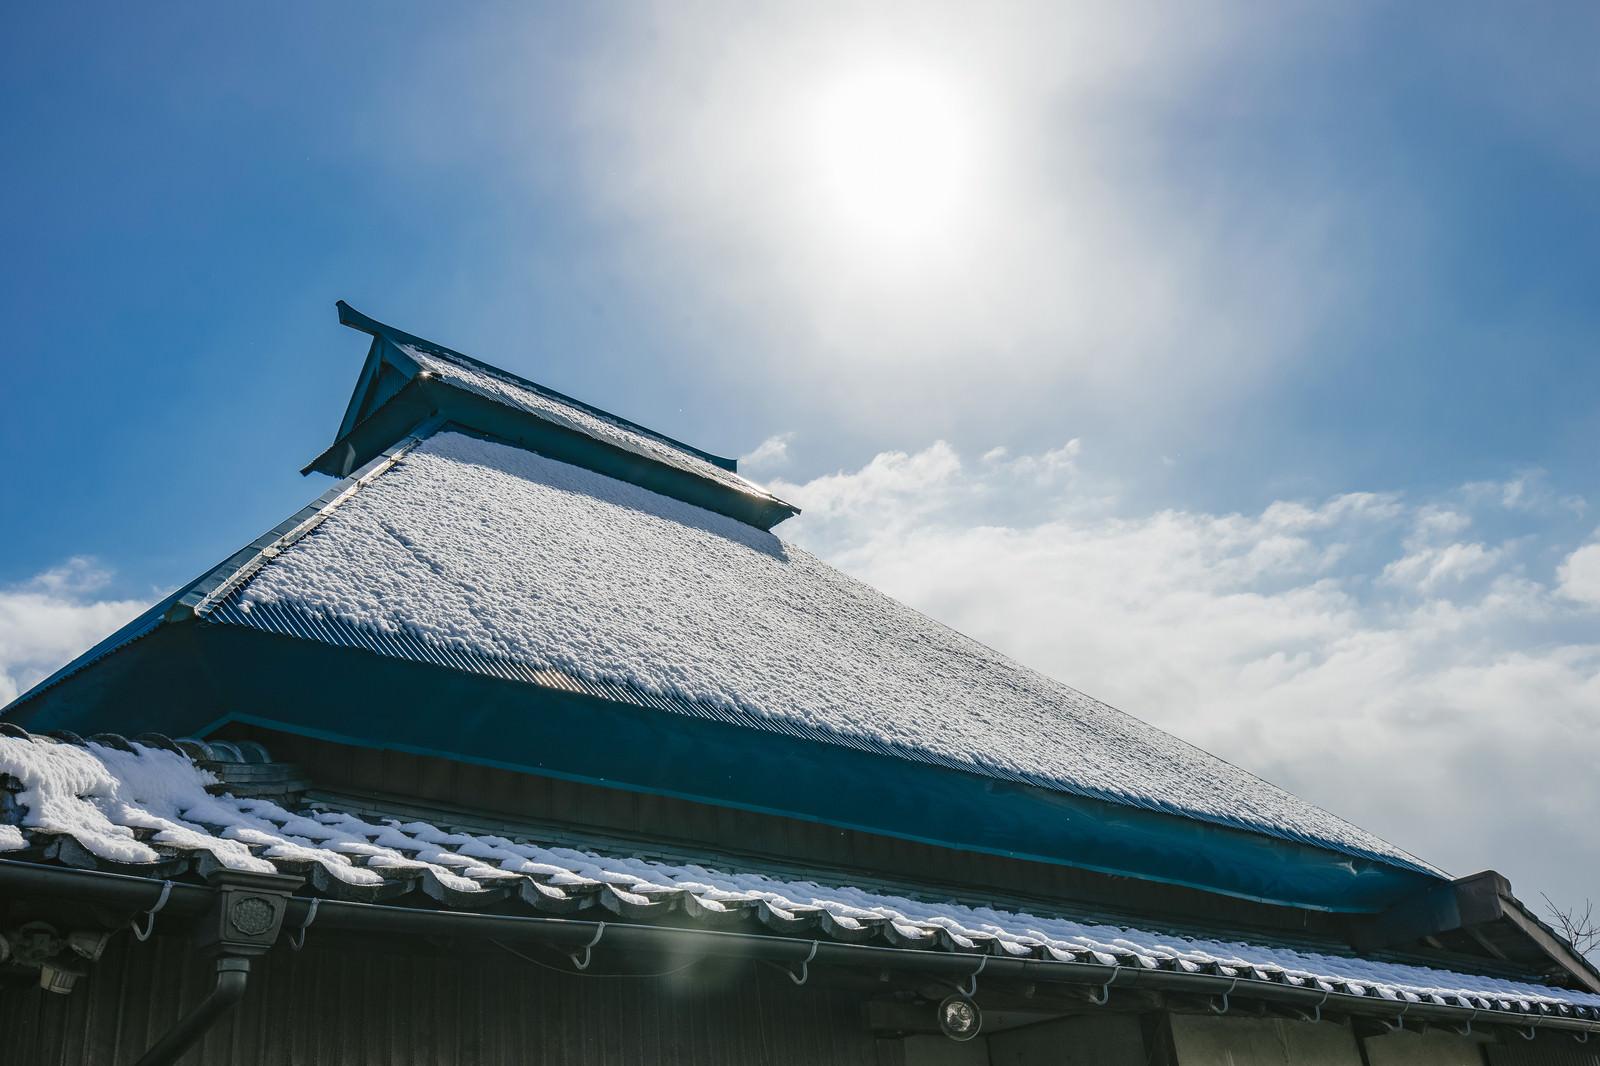 「屋根に薄っすら雪が残る」の写真